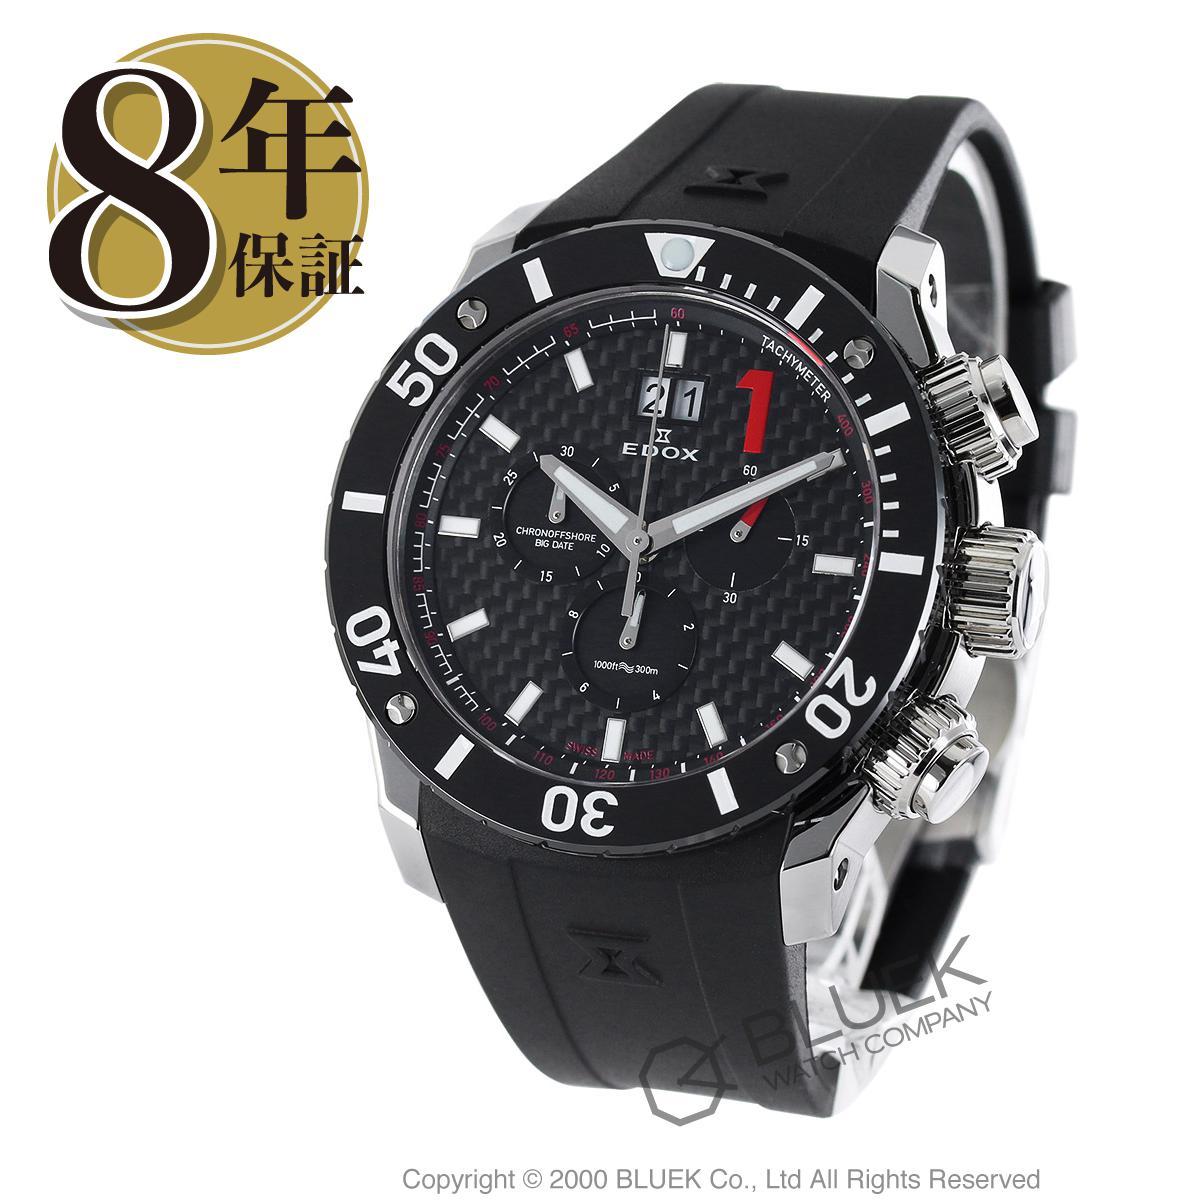 エドックス クロノオフショア1 クロノグラフ 300m防水 腕時計 メンズ EDOX 10020-3-NIN_8